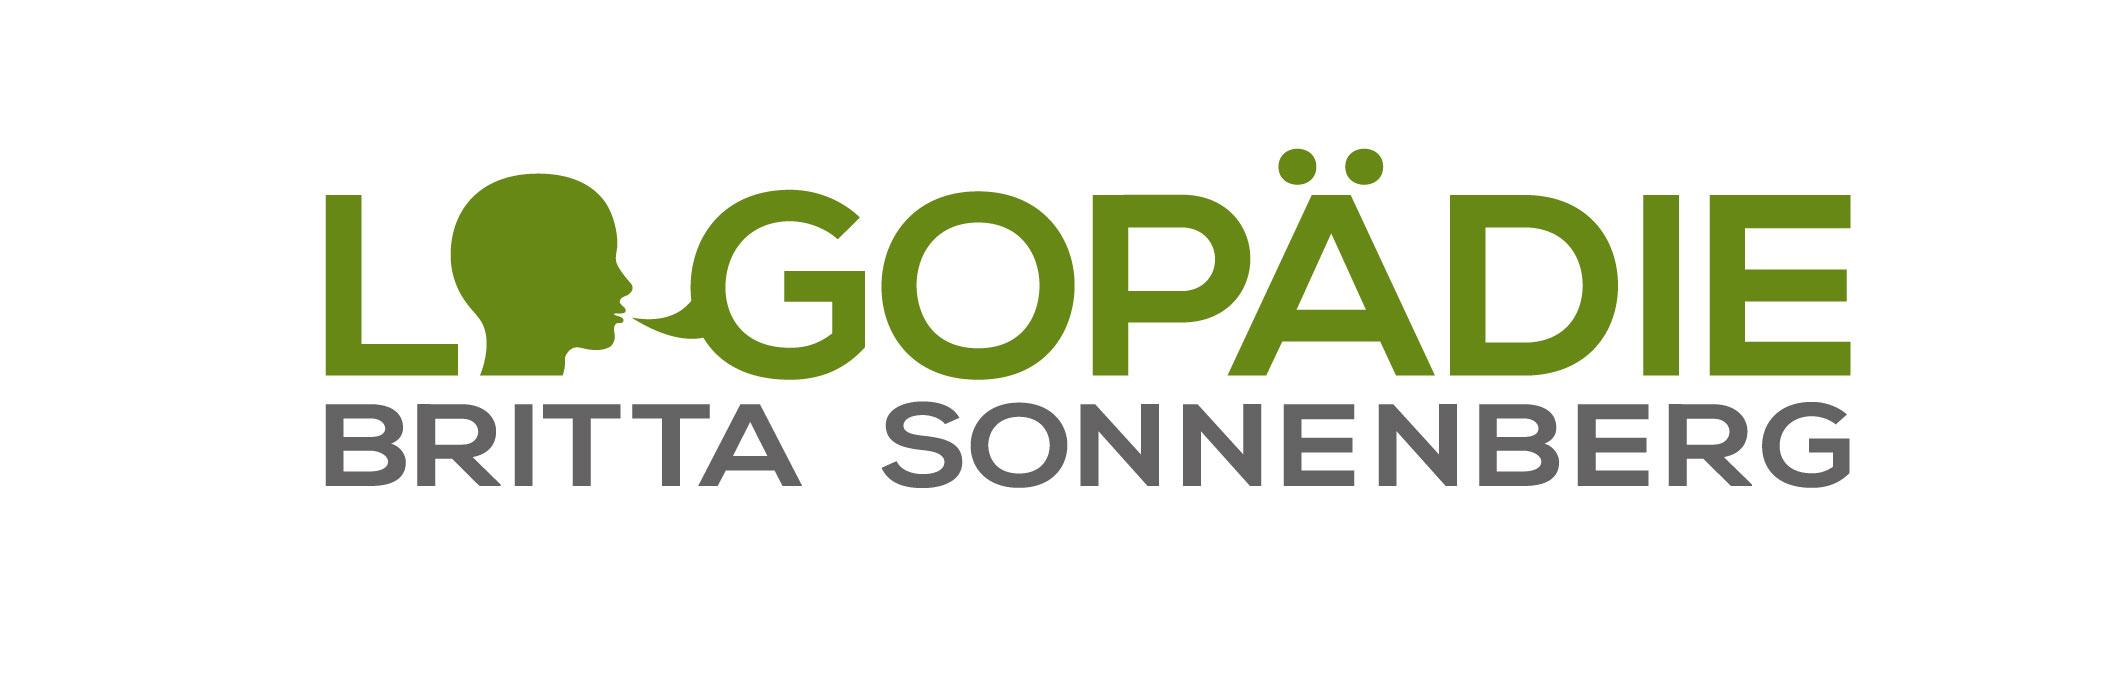 Logopaedie Britta Sonnenberg